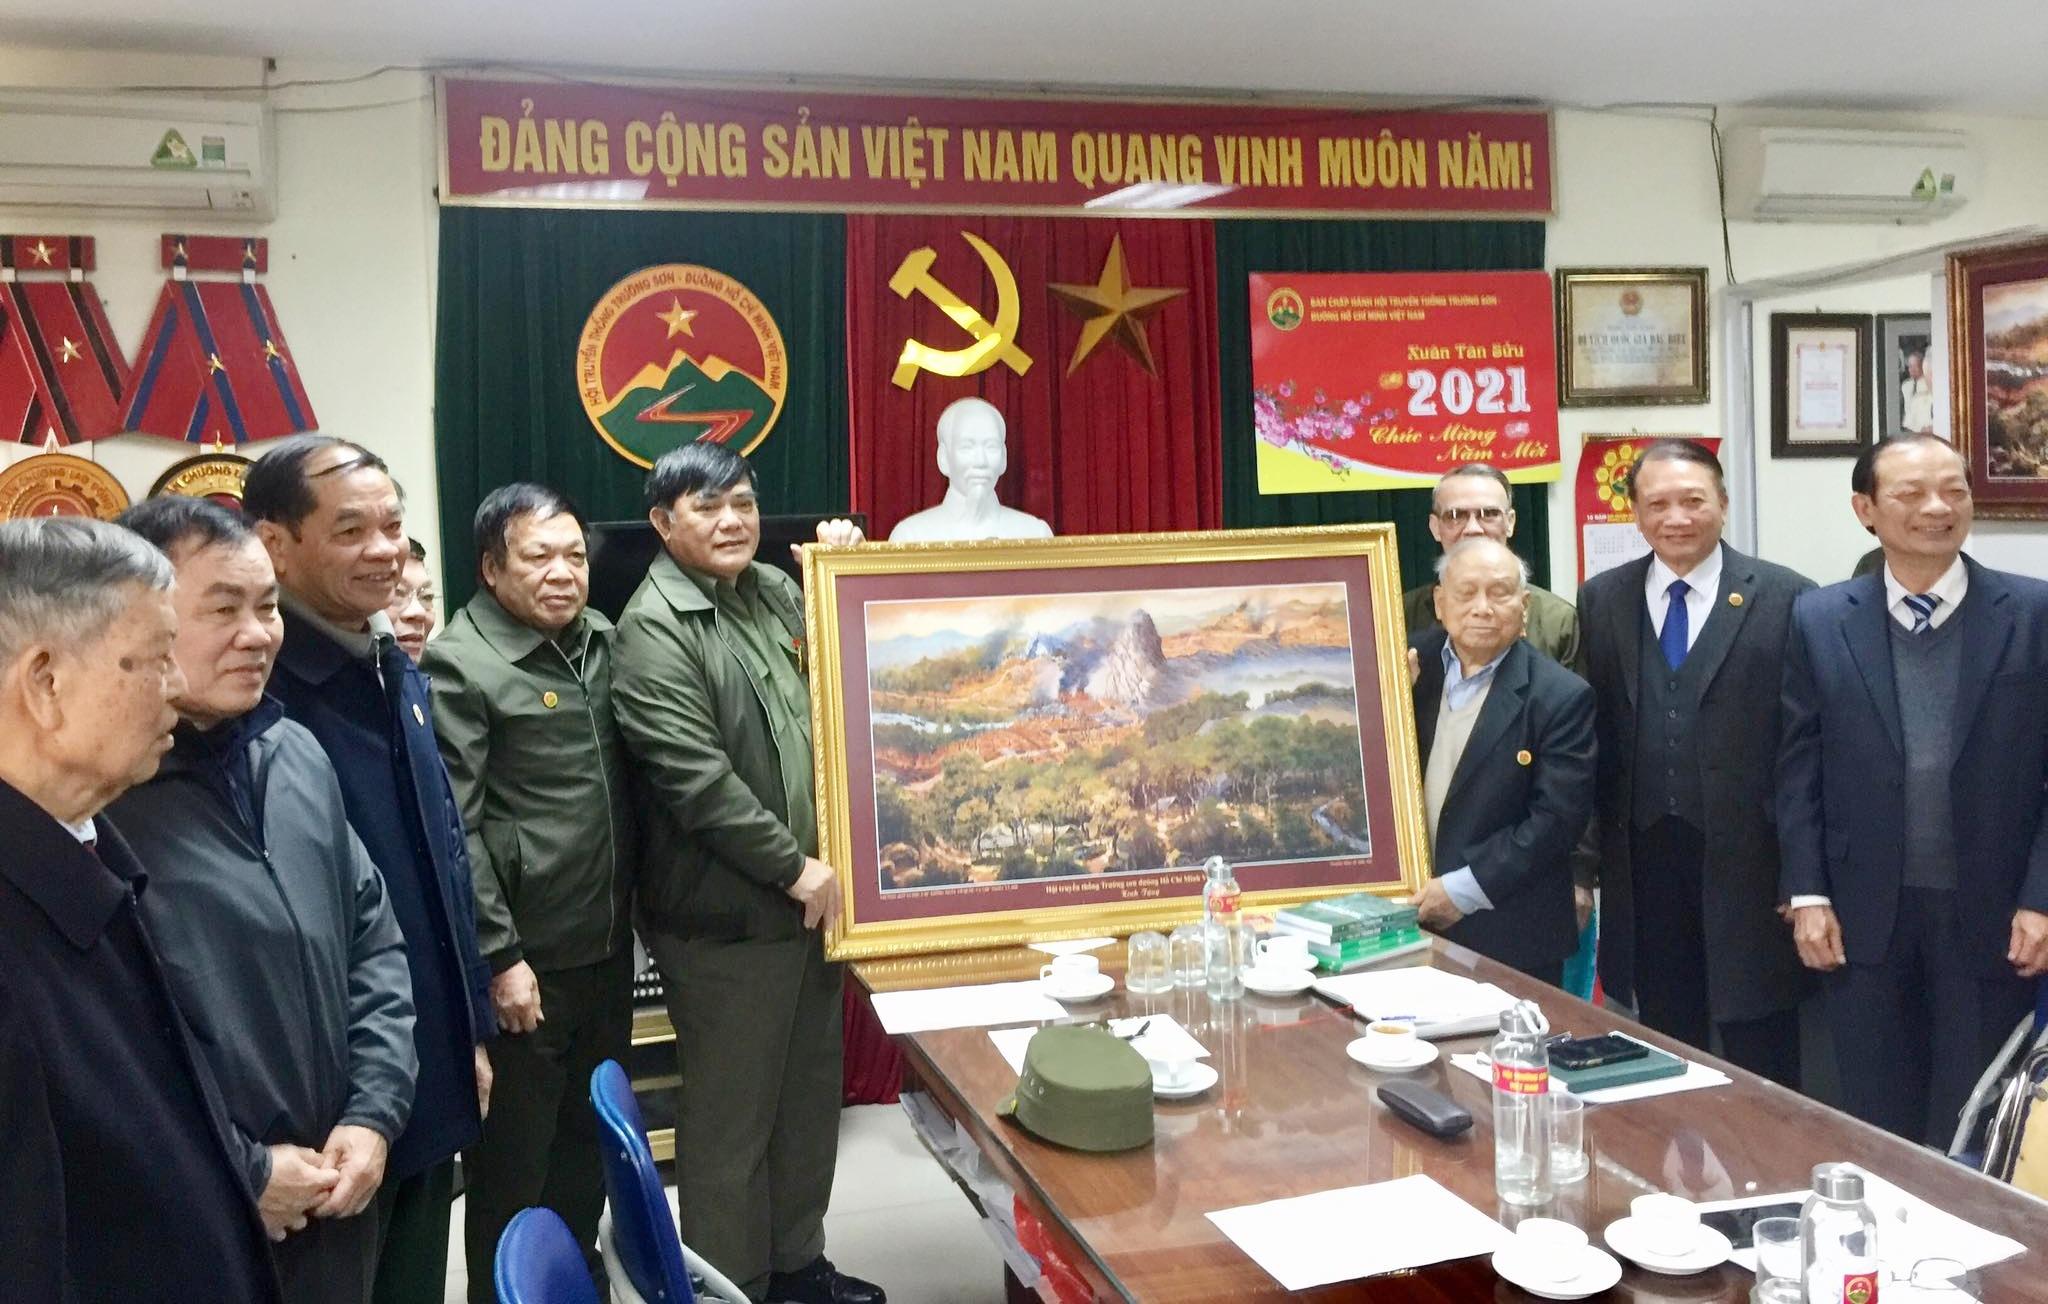 Lãnh đạo Công ty TNHH Hòa Bình thăm Hội Trường Sơn Việt Nam